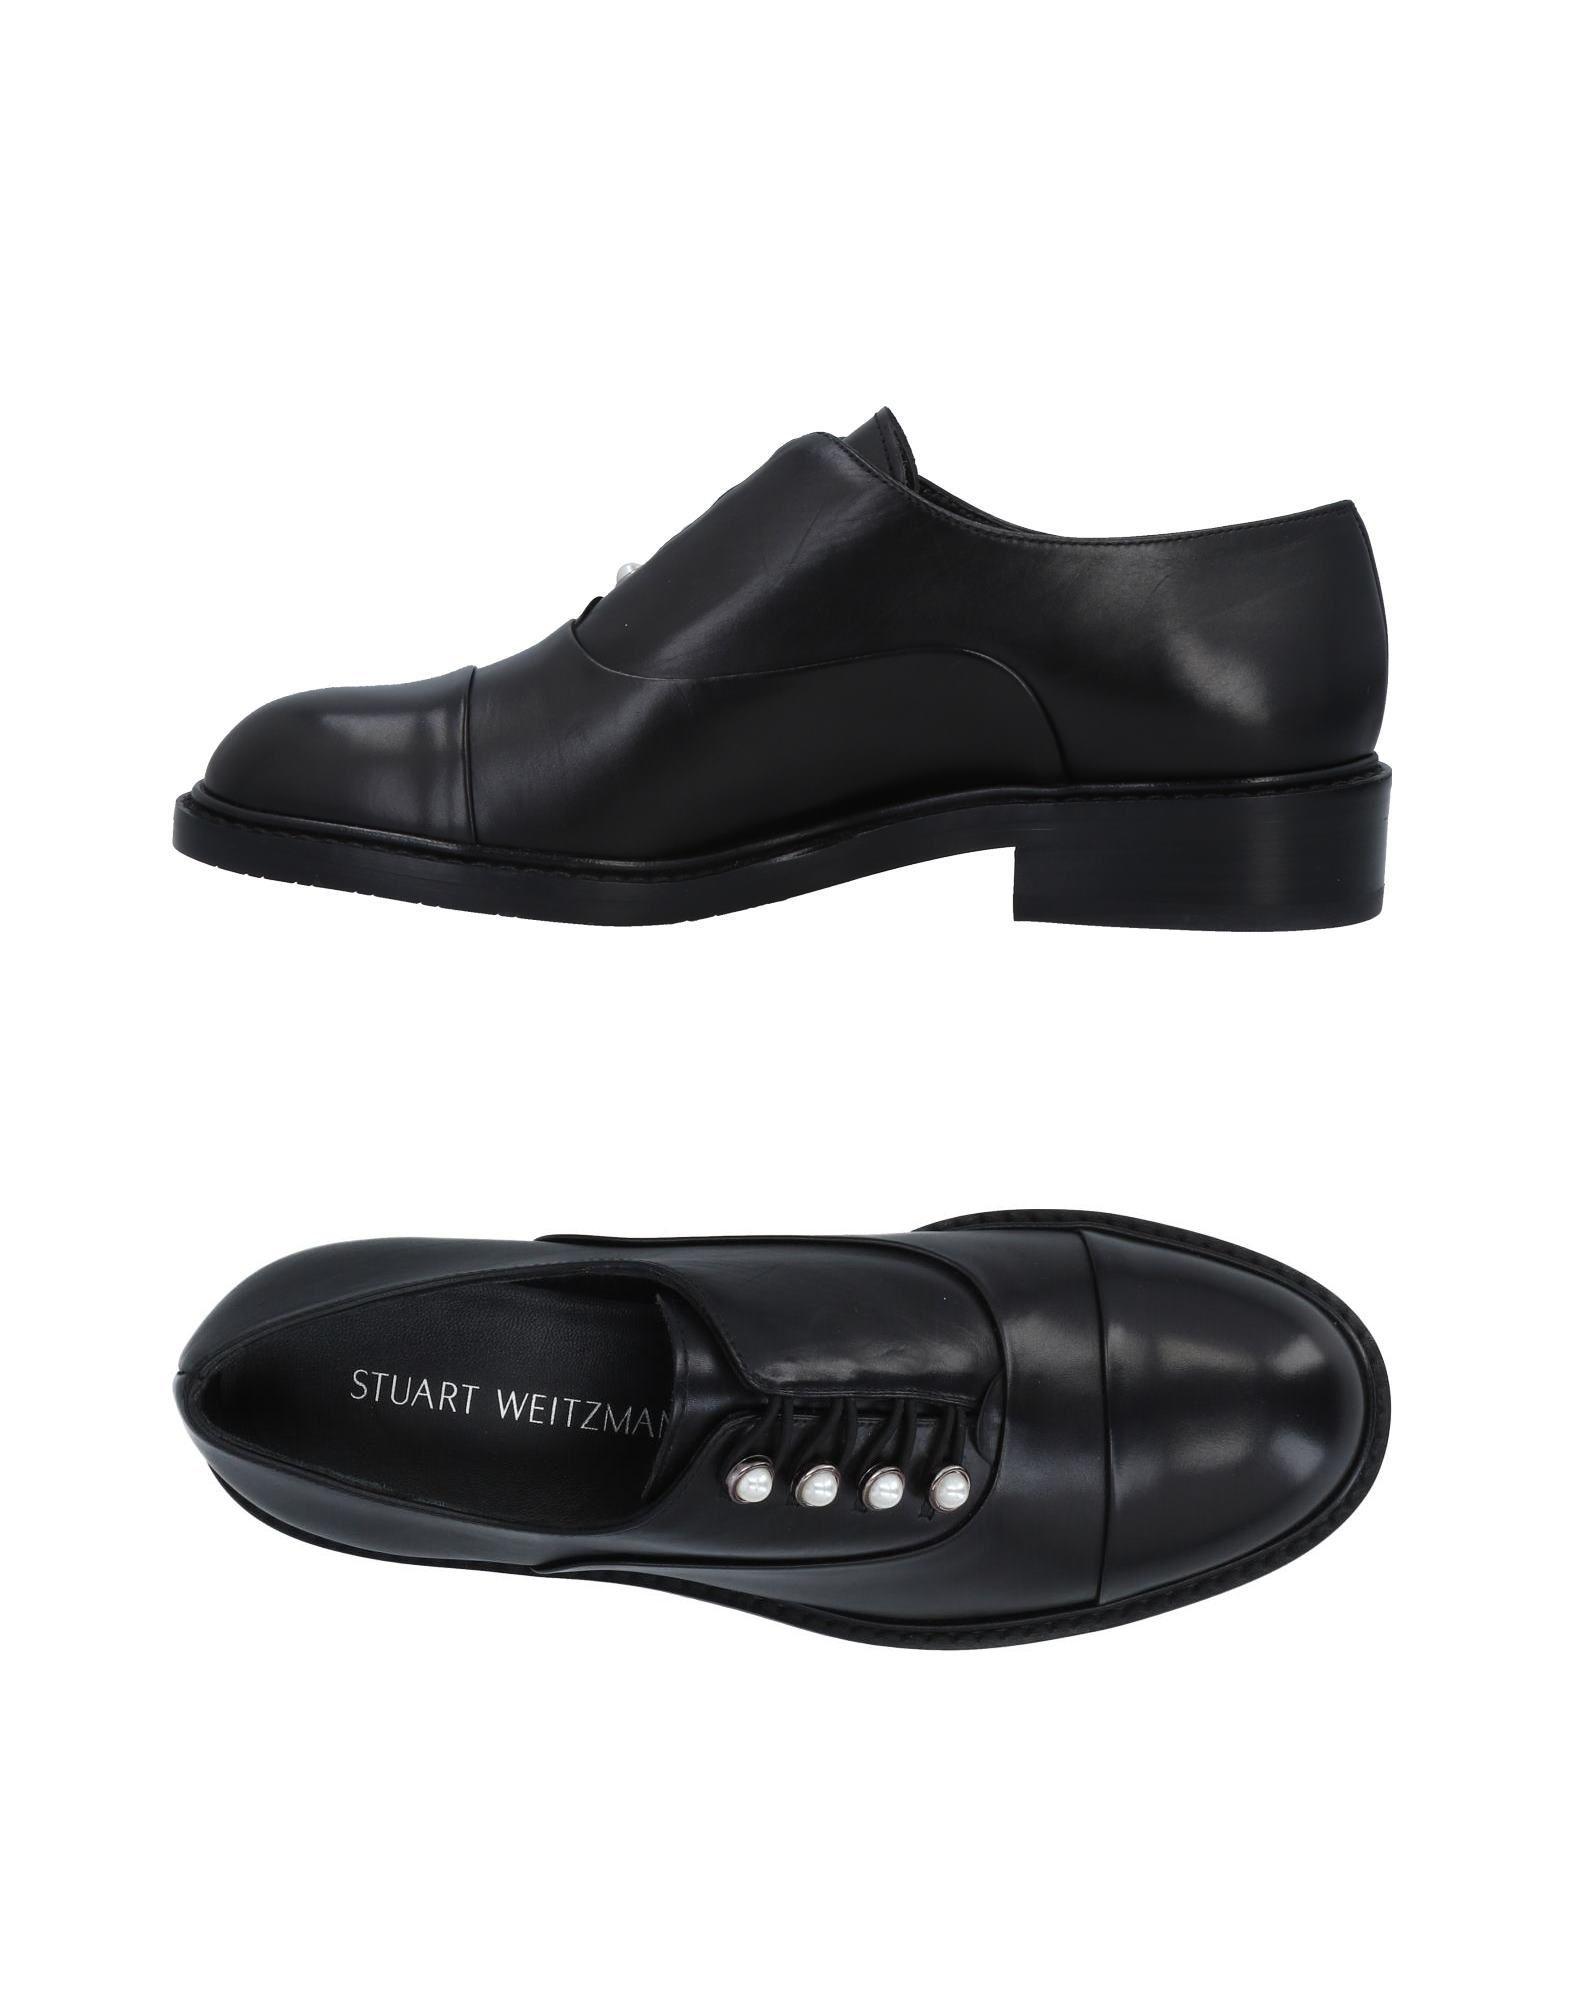 Rabatt Schuhe Stuart Weitzman Mokassins Damen   Damen 11484471SE 4108f7